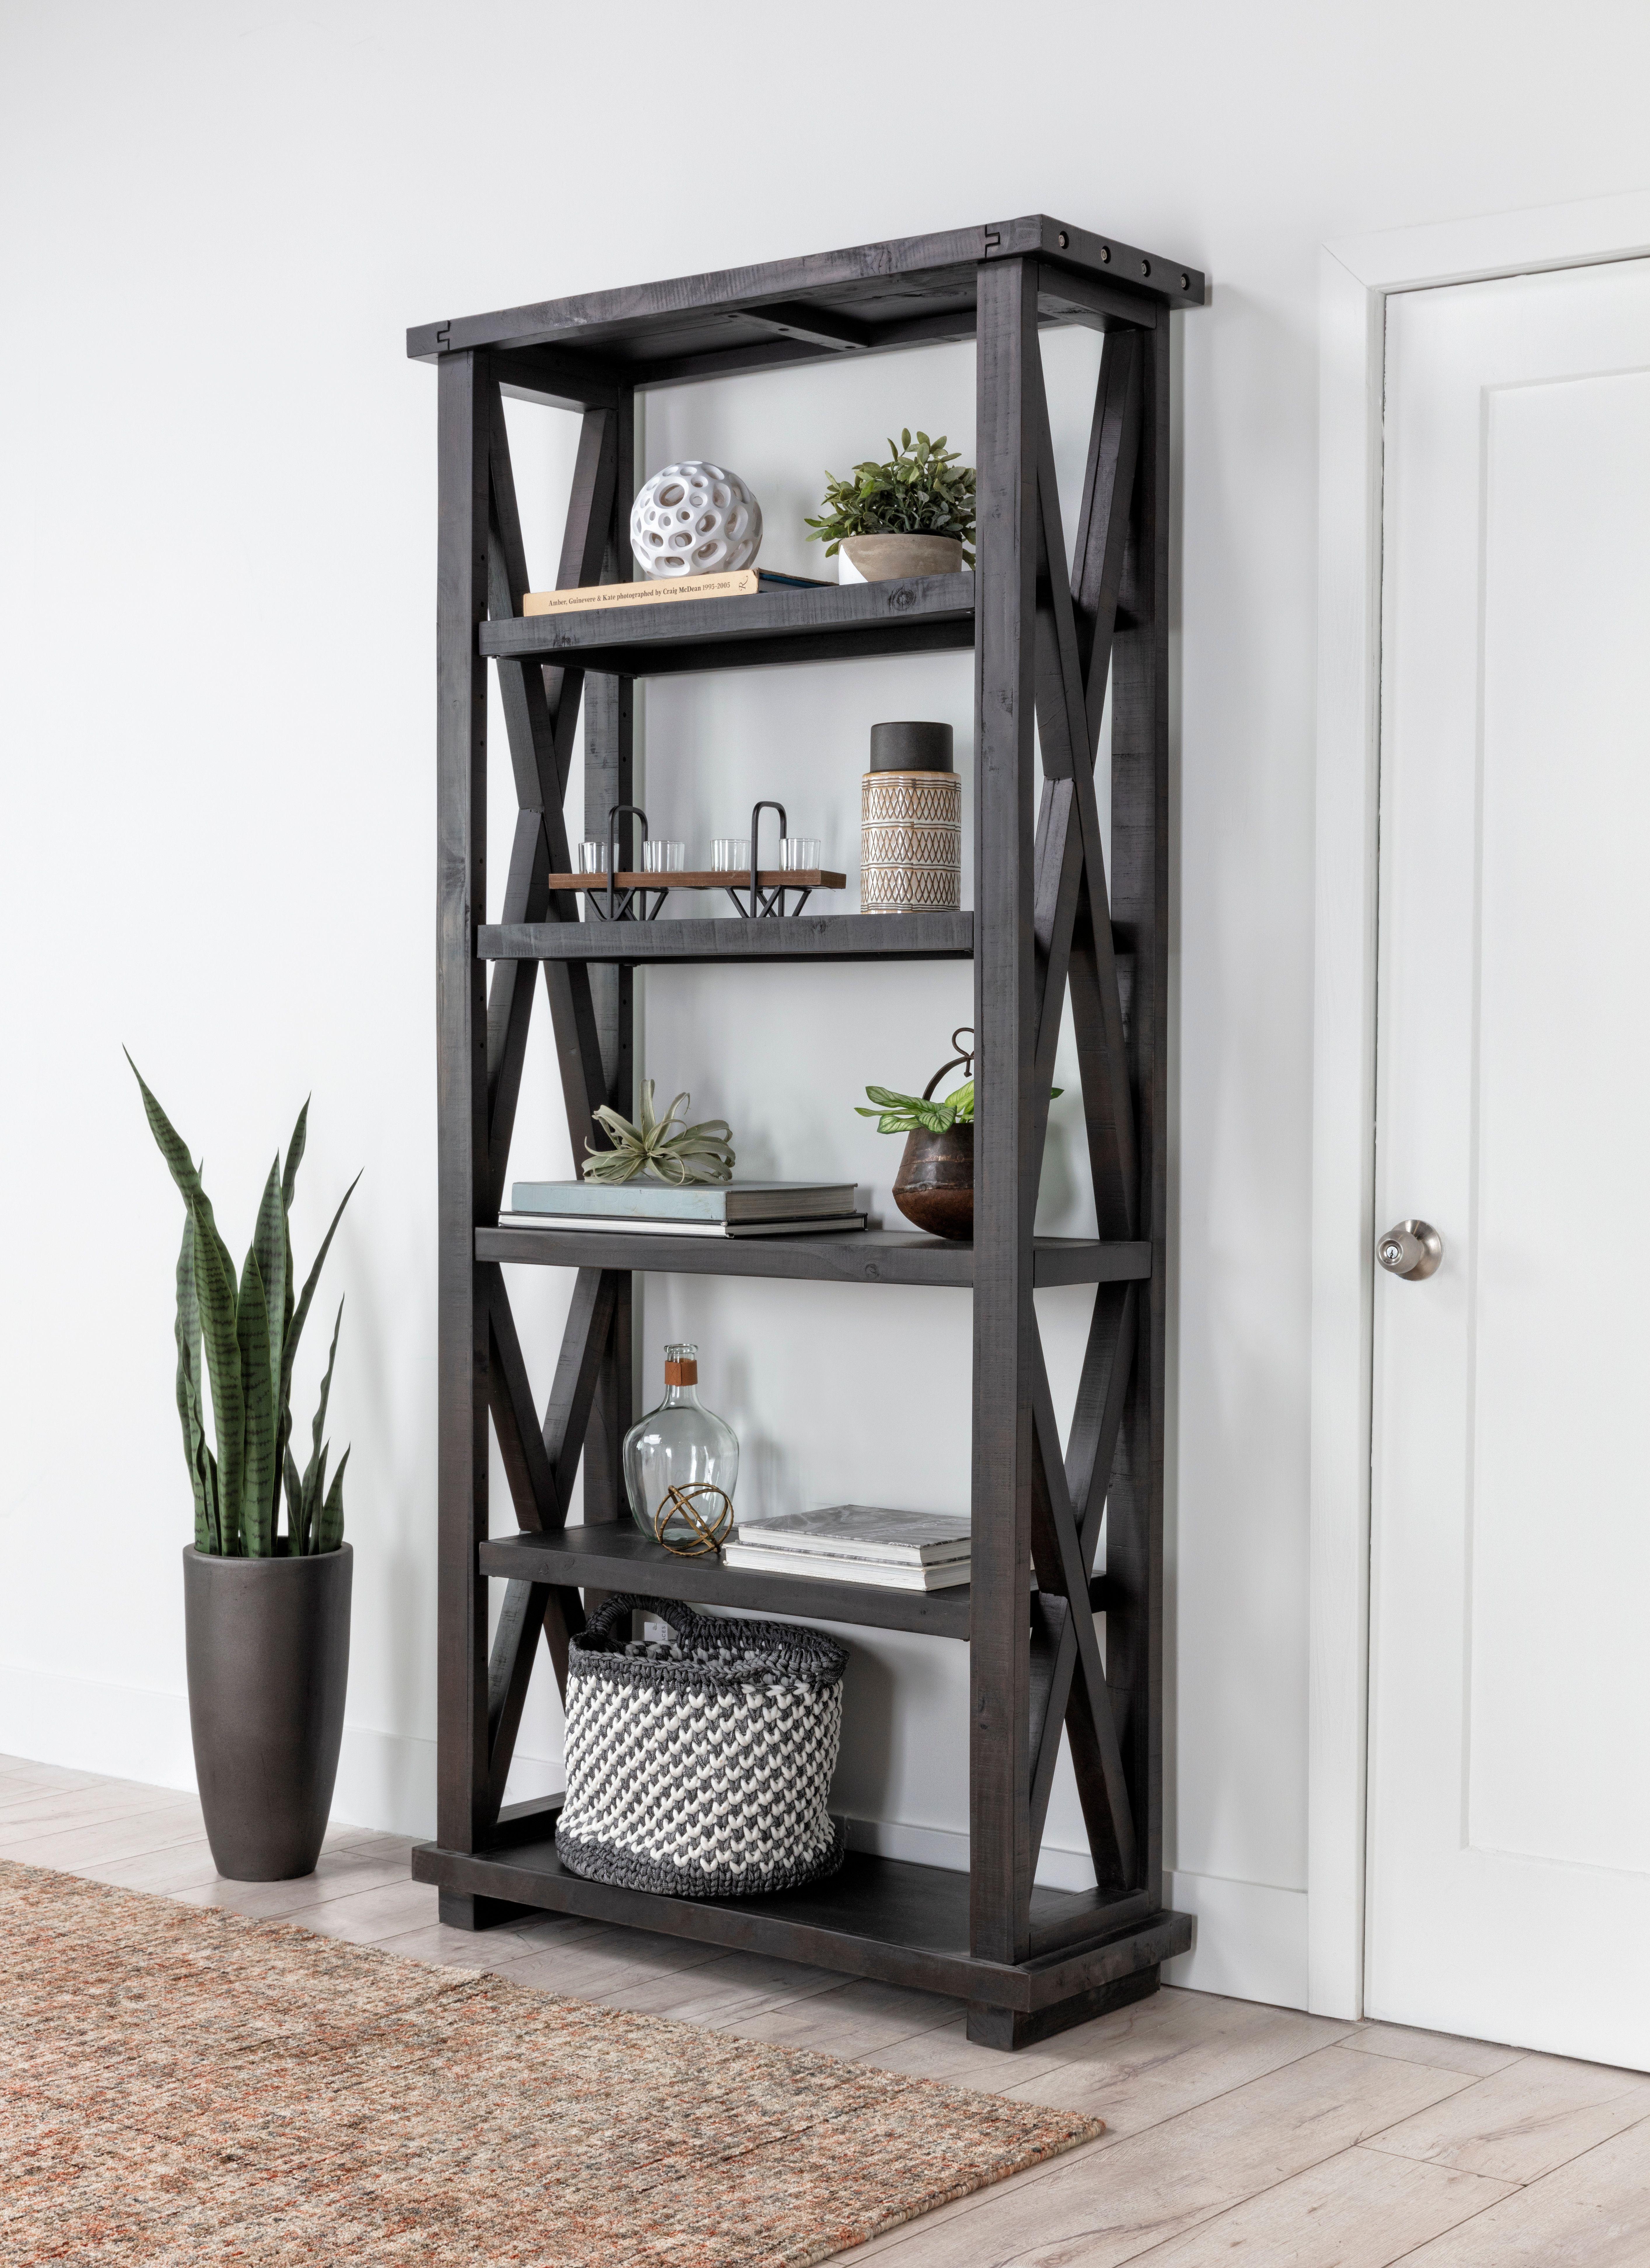 Jaxon 82 Inch Bookcase In 2020 Bookcase Rustic Bookcase Blue Wall Mirrors